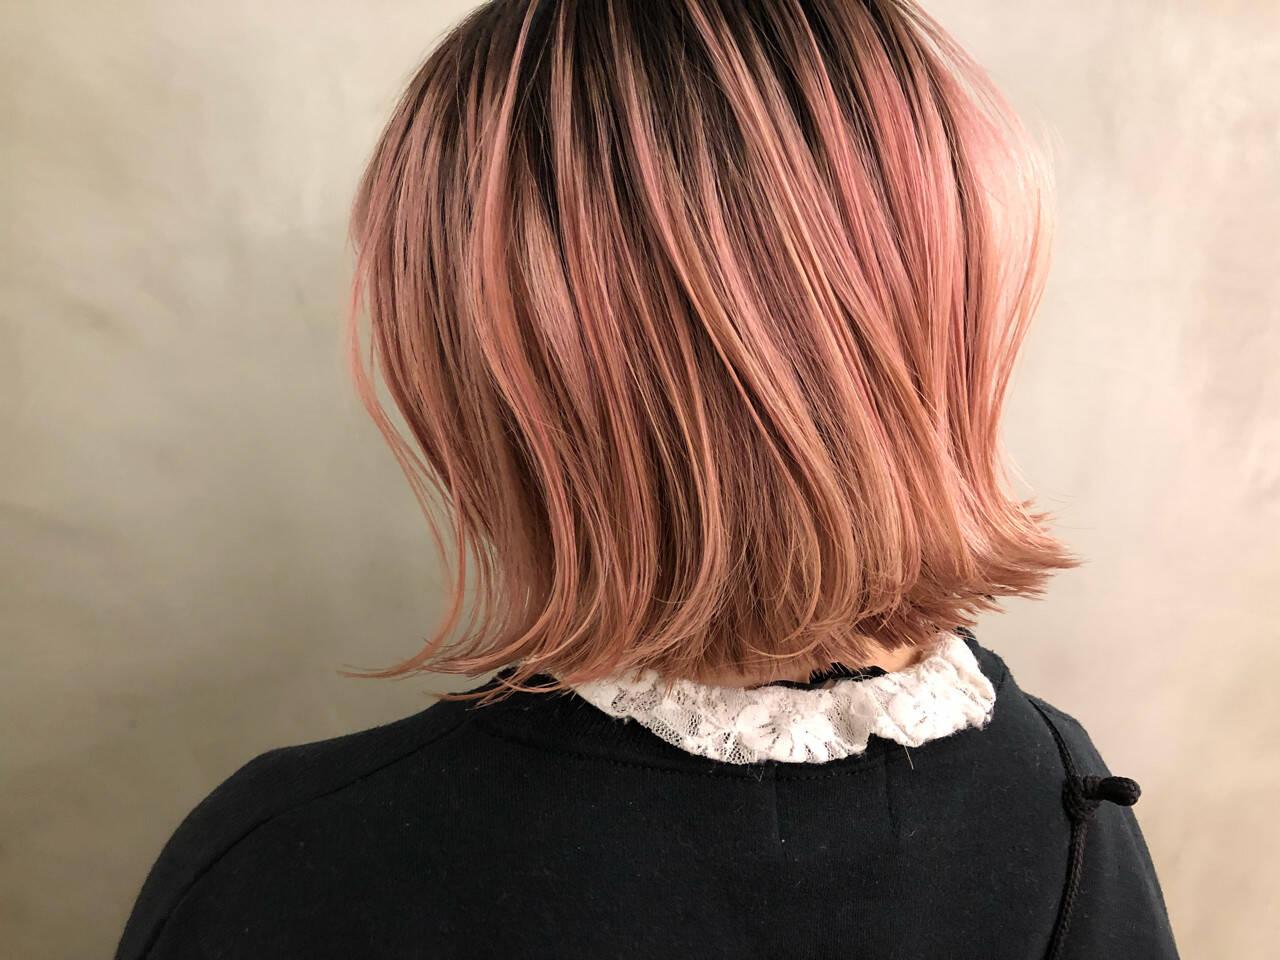 色気 抜け感 デート 簡単ヘアアレンジヘアスタイルや髪型の写真・画像